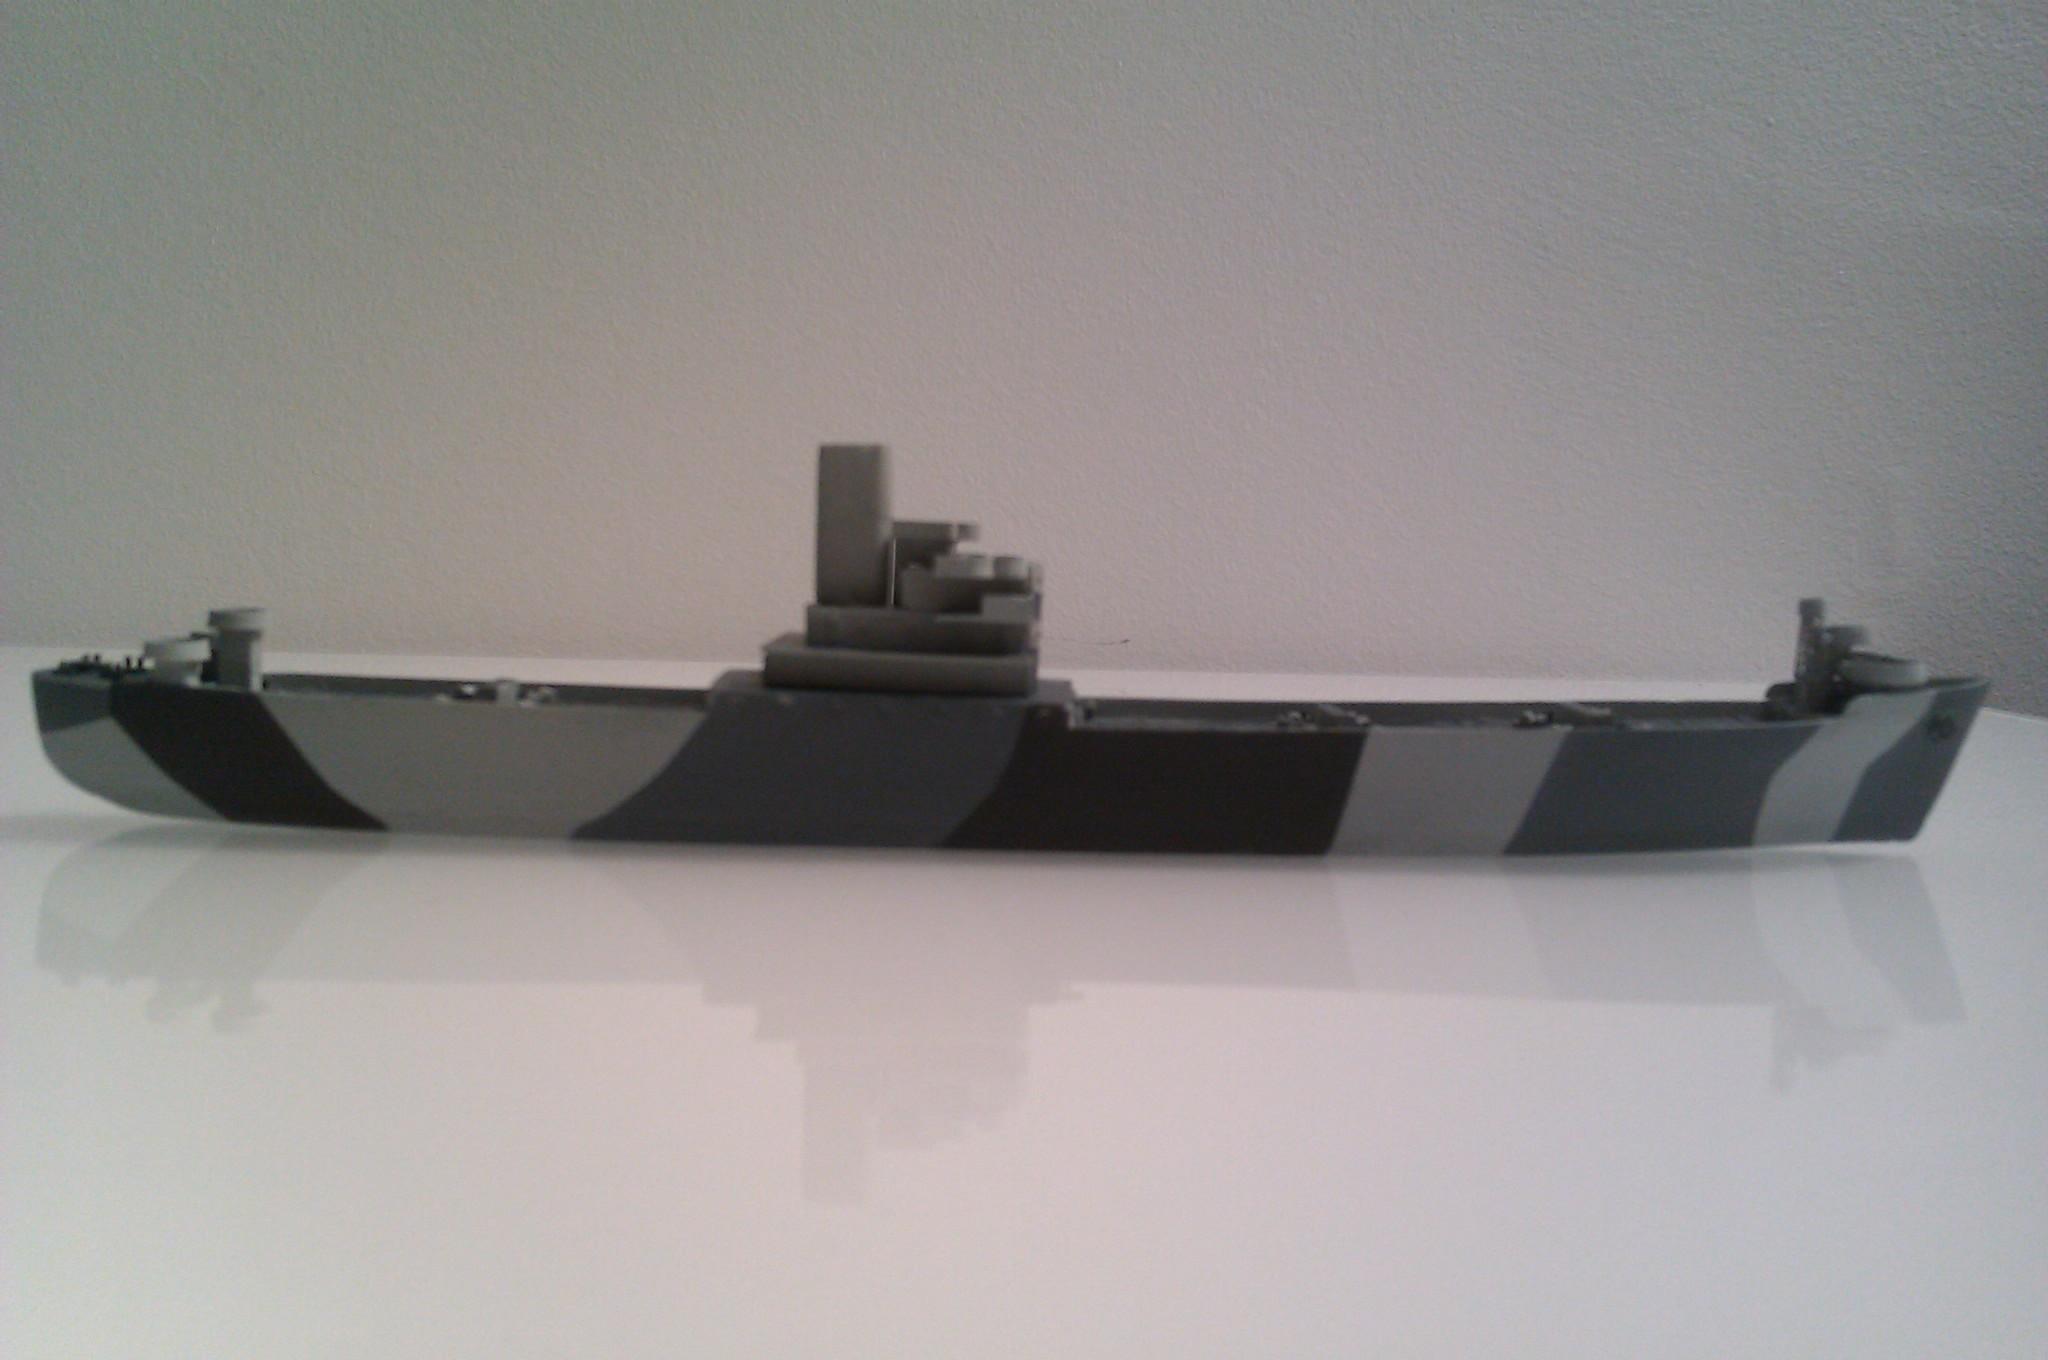 USS Thurston 1/700 à partir du kit Armerican scout de Loose cannon DshJireDX